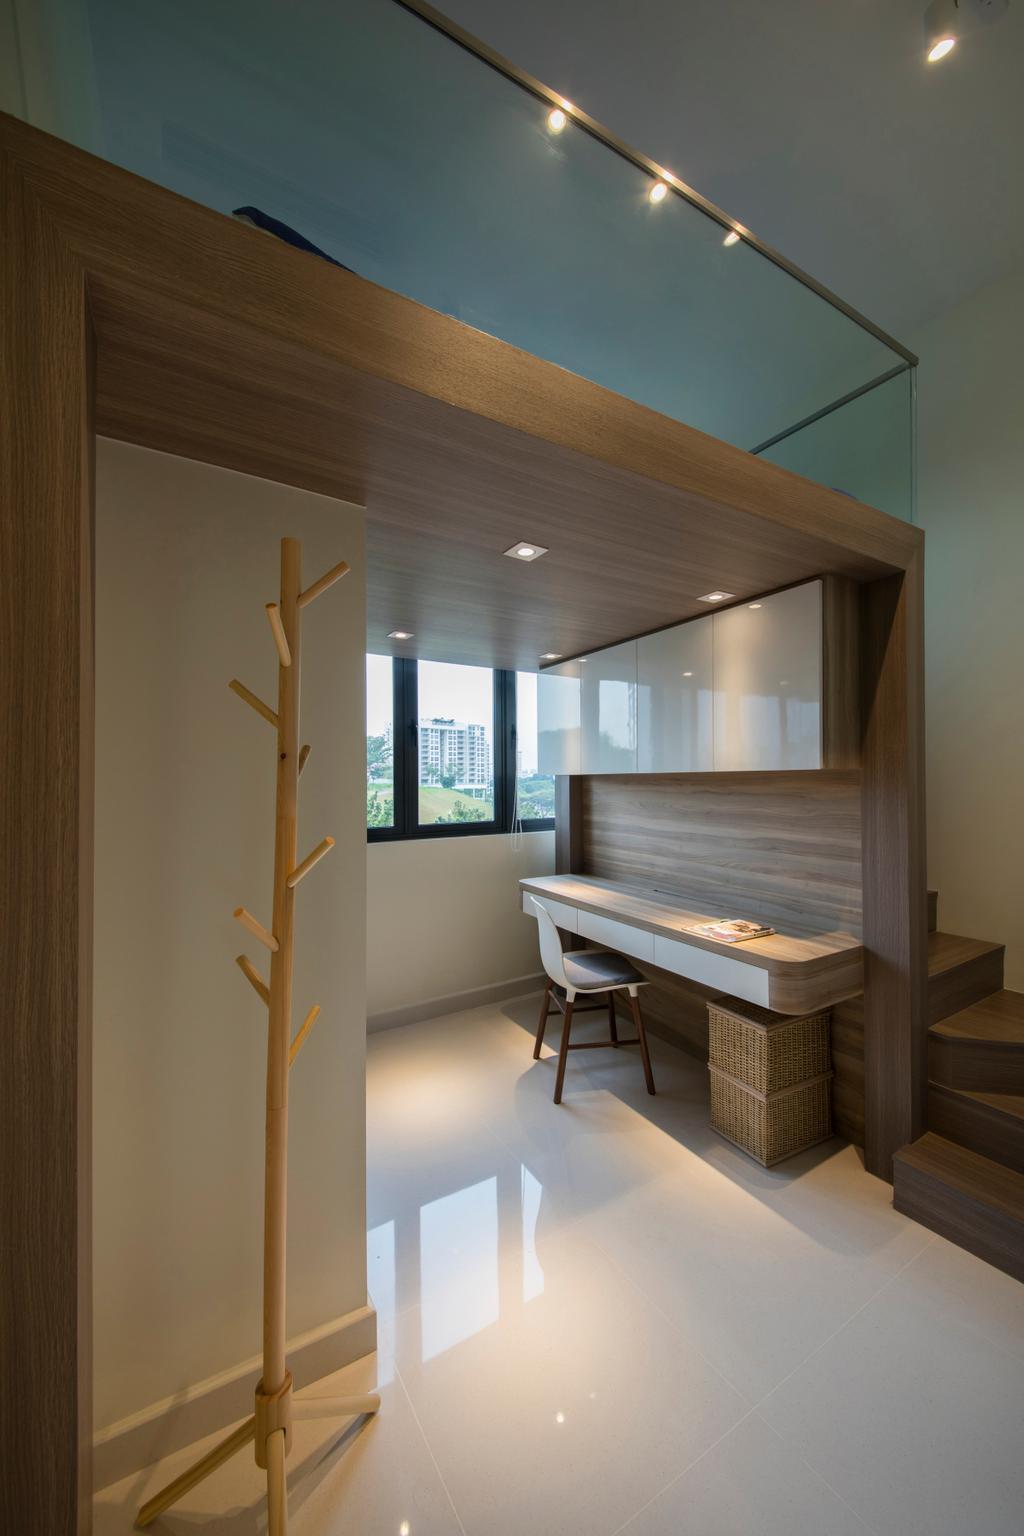 Condominium Study Room: Interior Design Singapore